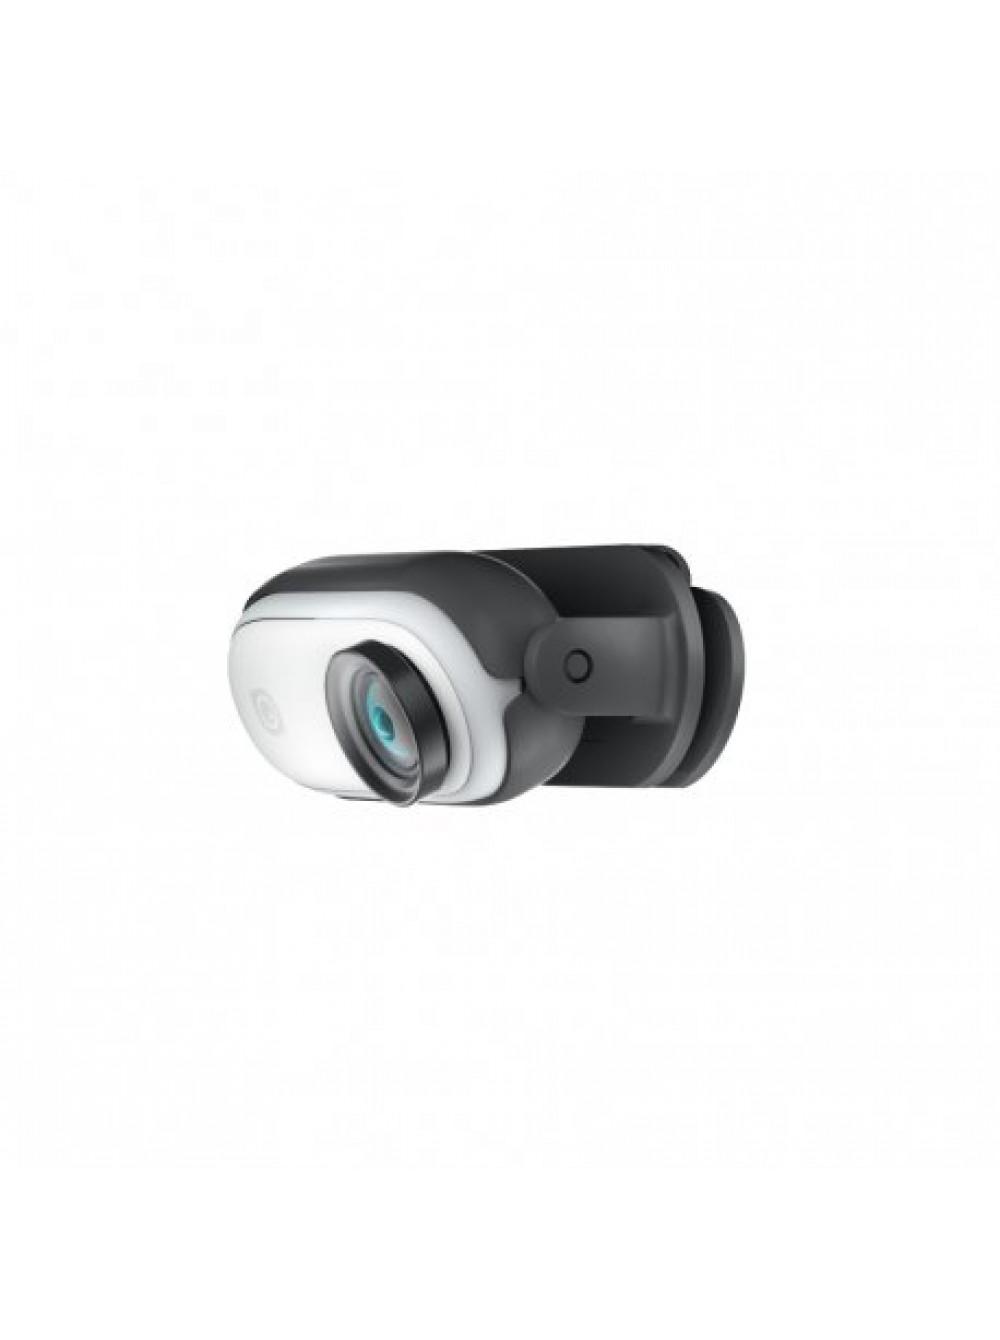 Держатель клипса для Insta360 GO2